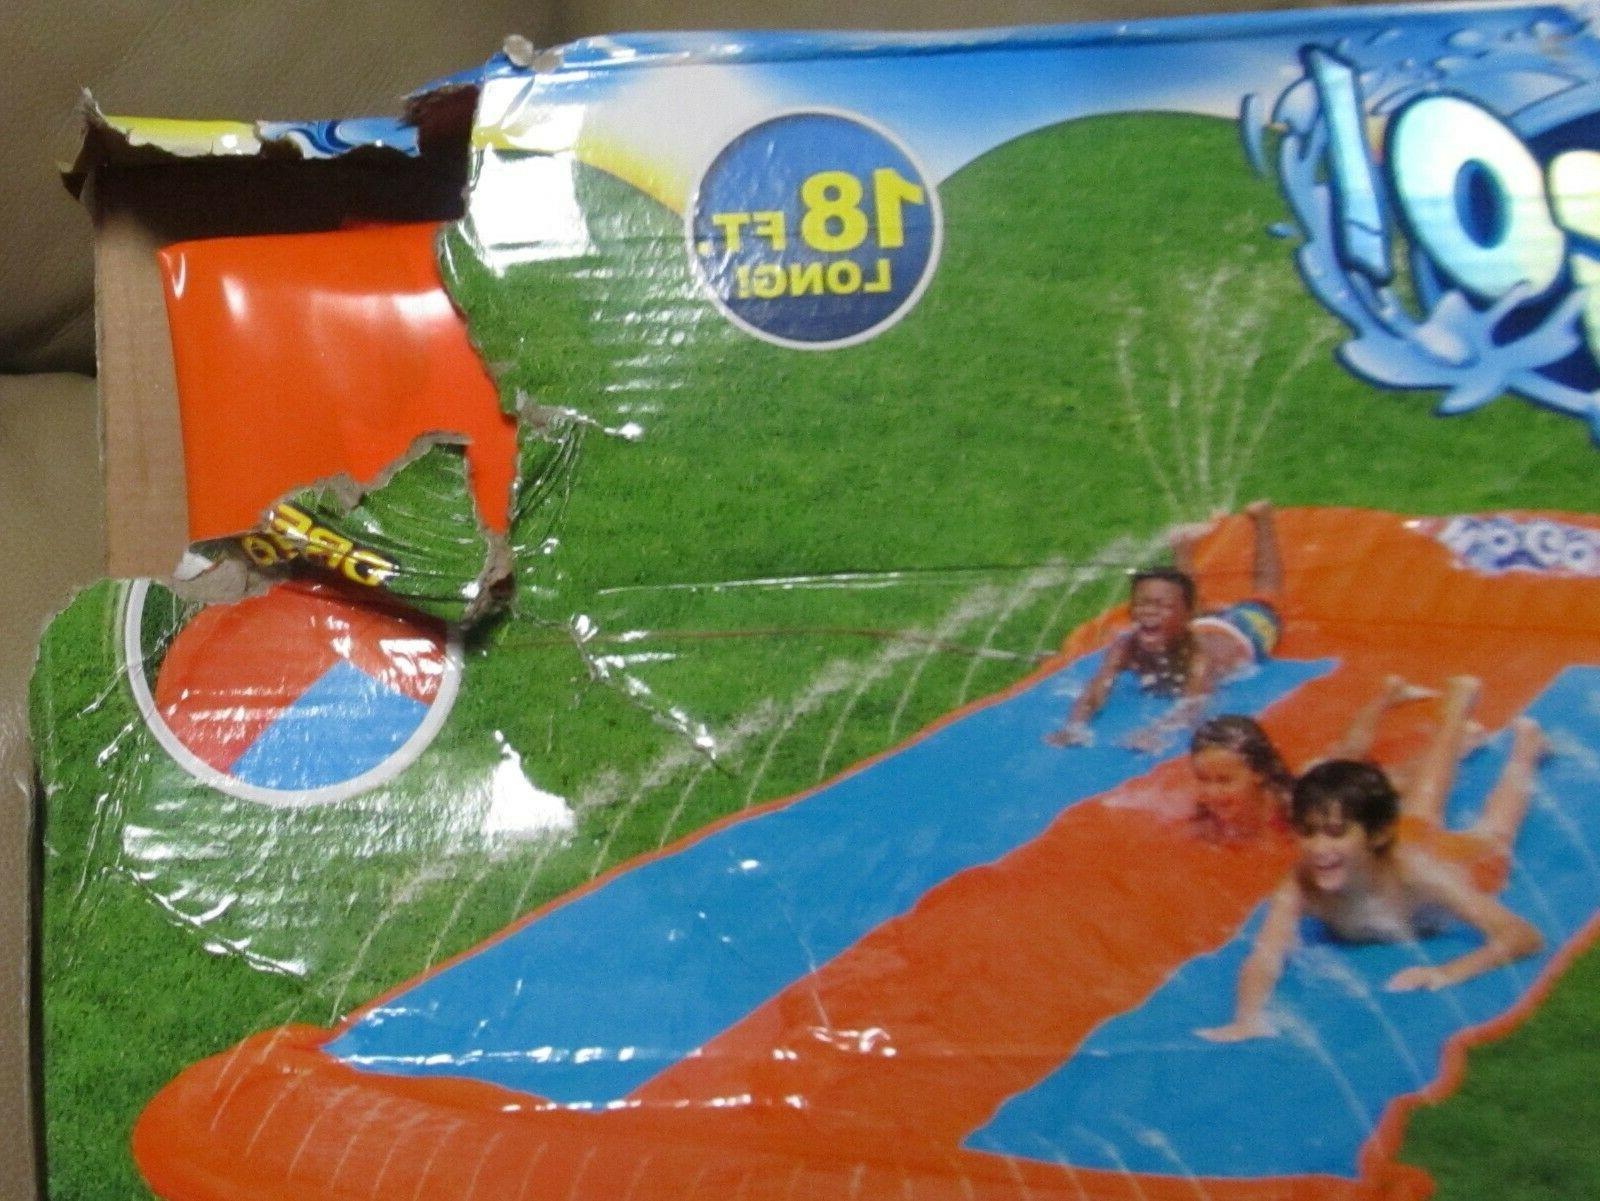 Brand Slide, 18 LONG